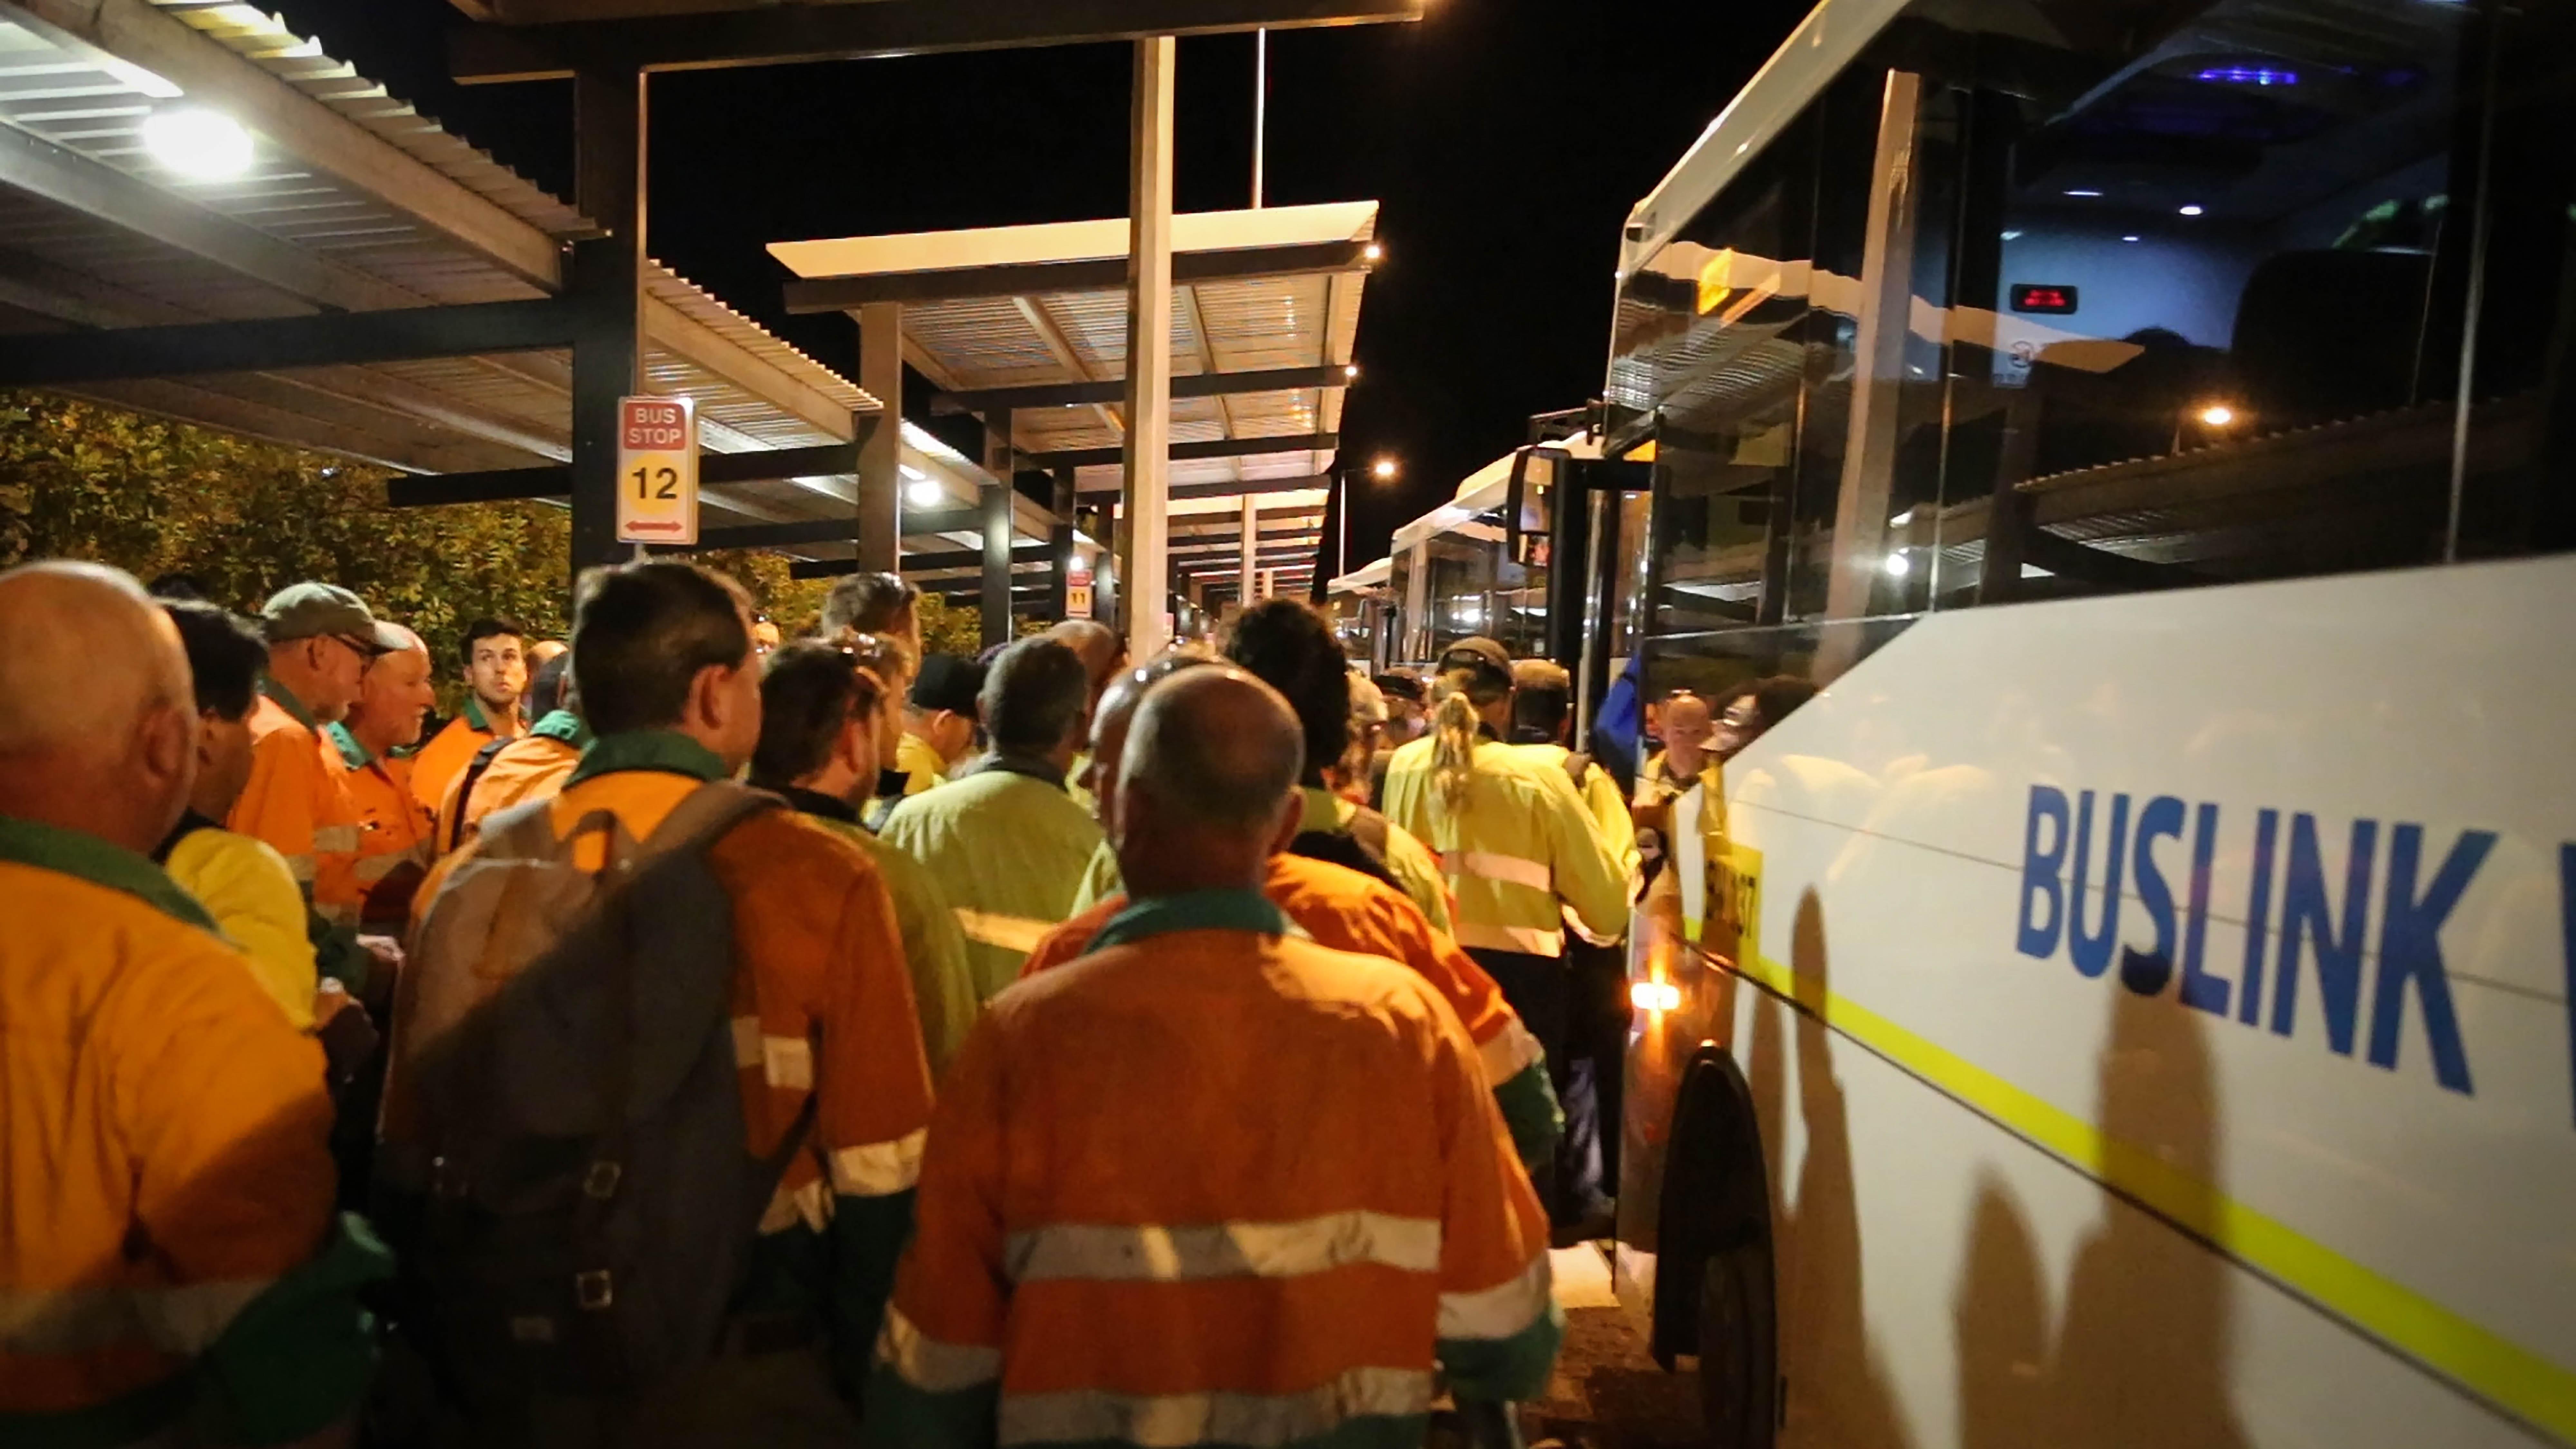 Buslink VIVO, mobile communication, transport